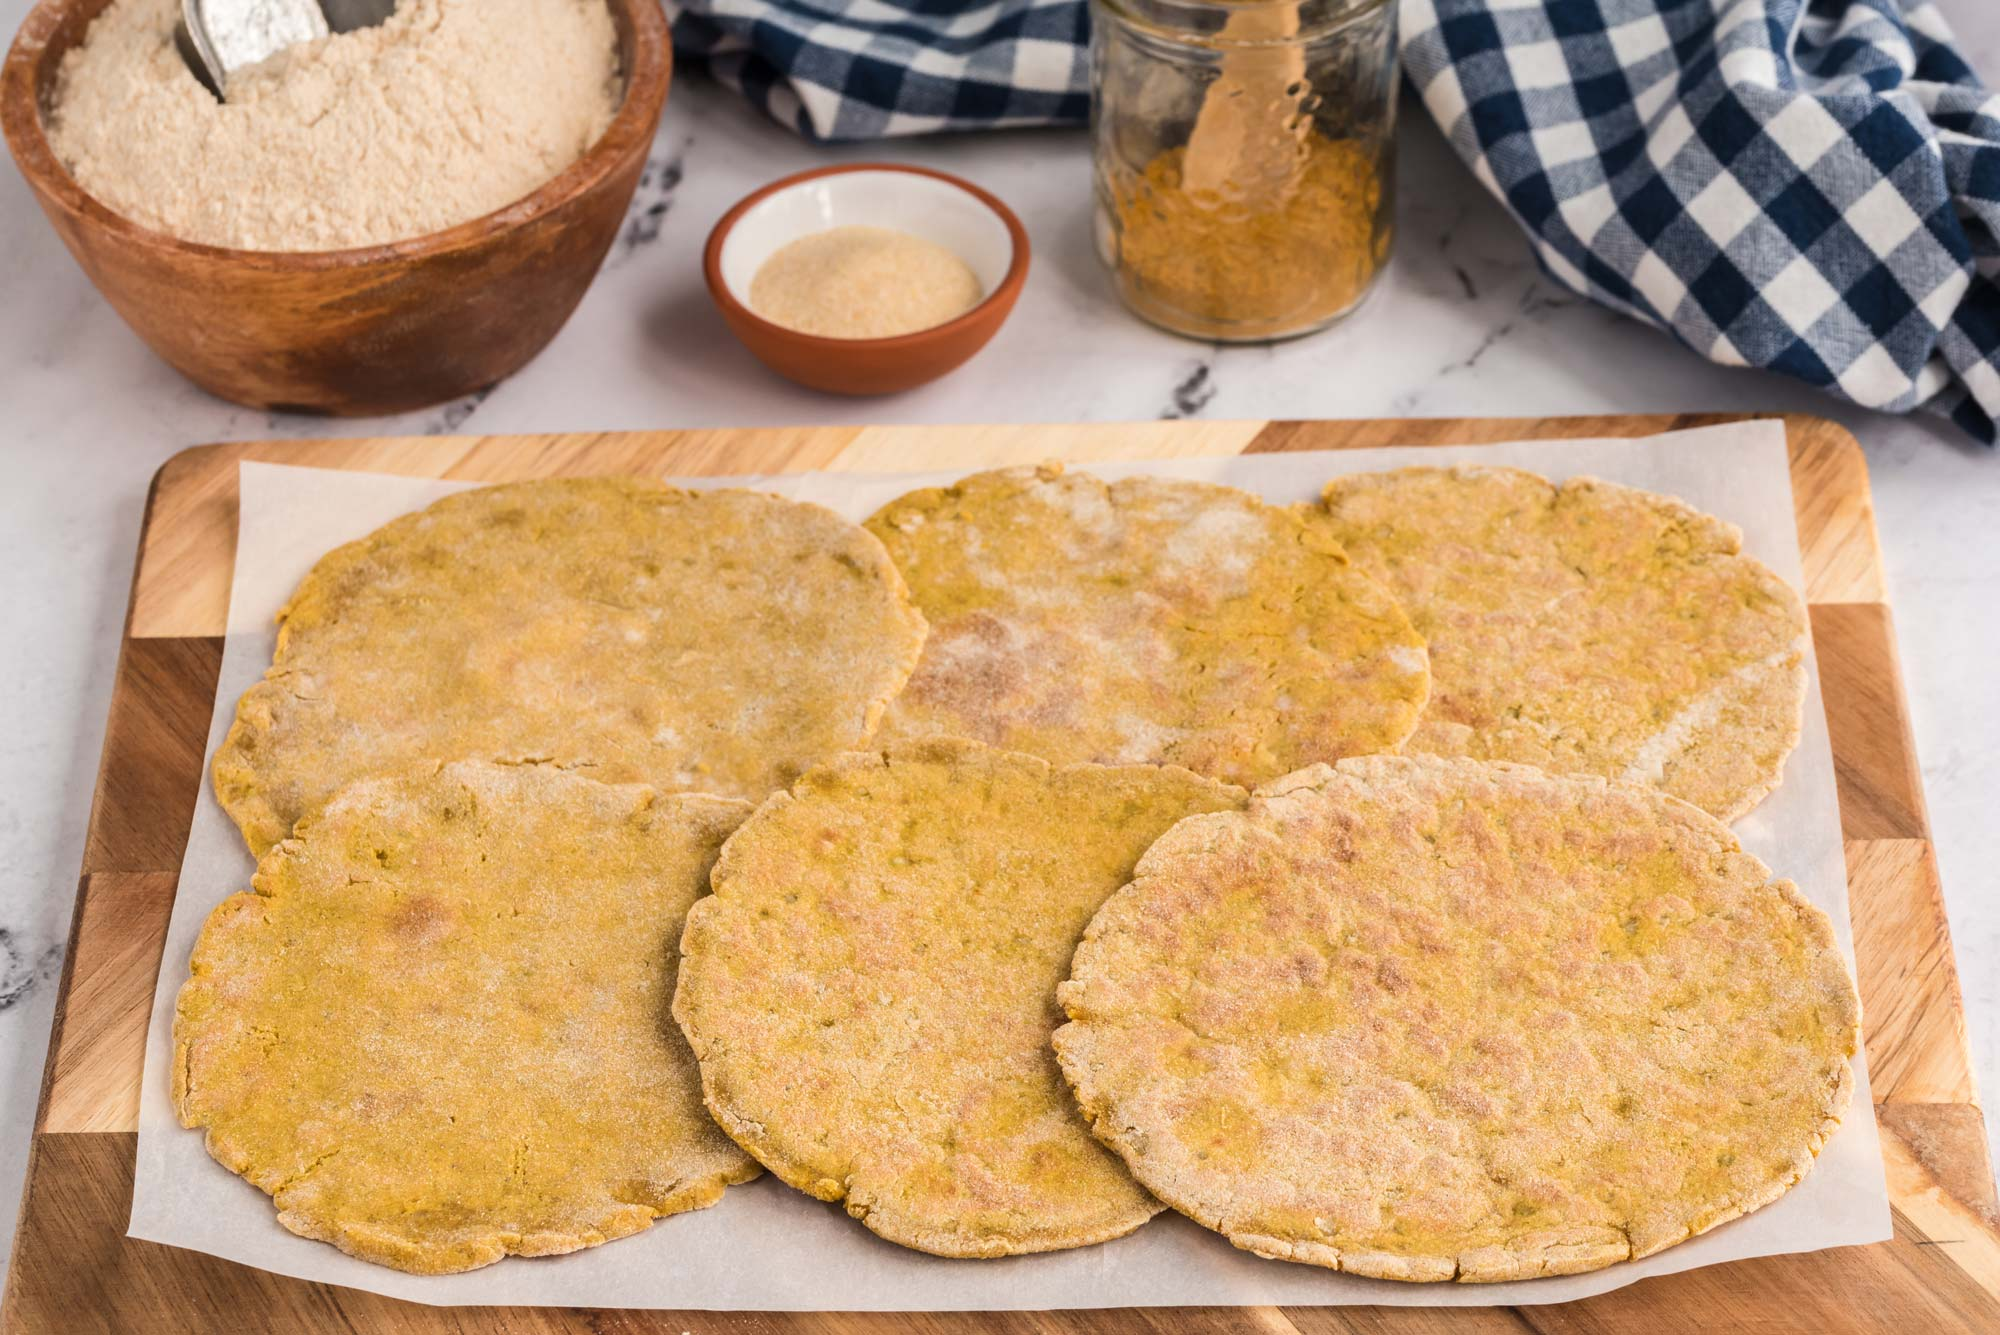 amaranth potato paratha on cutting board